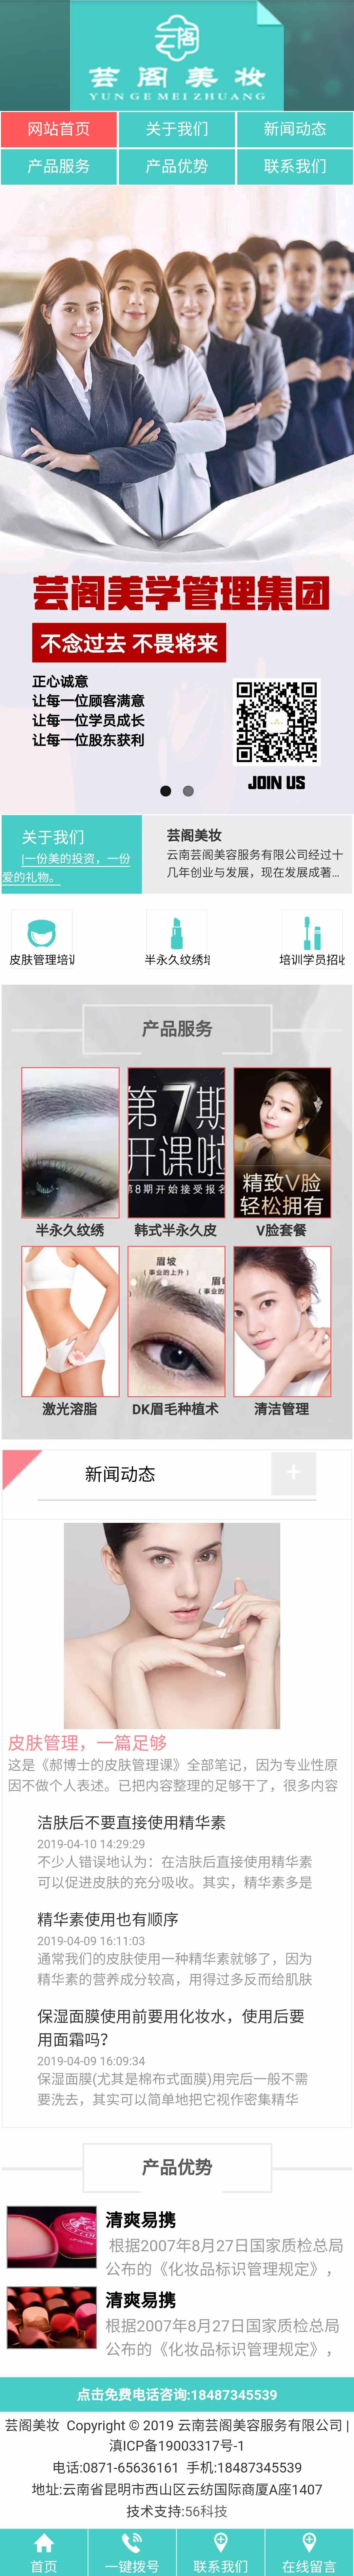 云南芸阁美容服务万博体育APP官方网